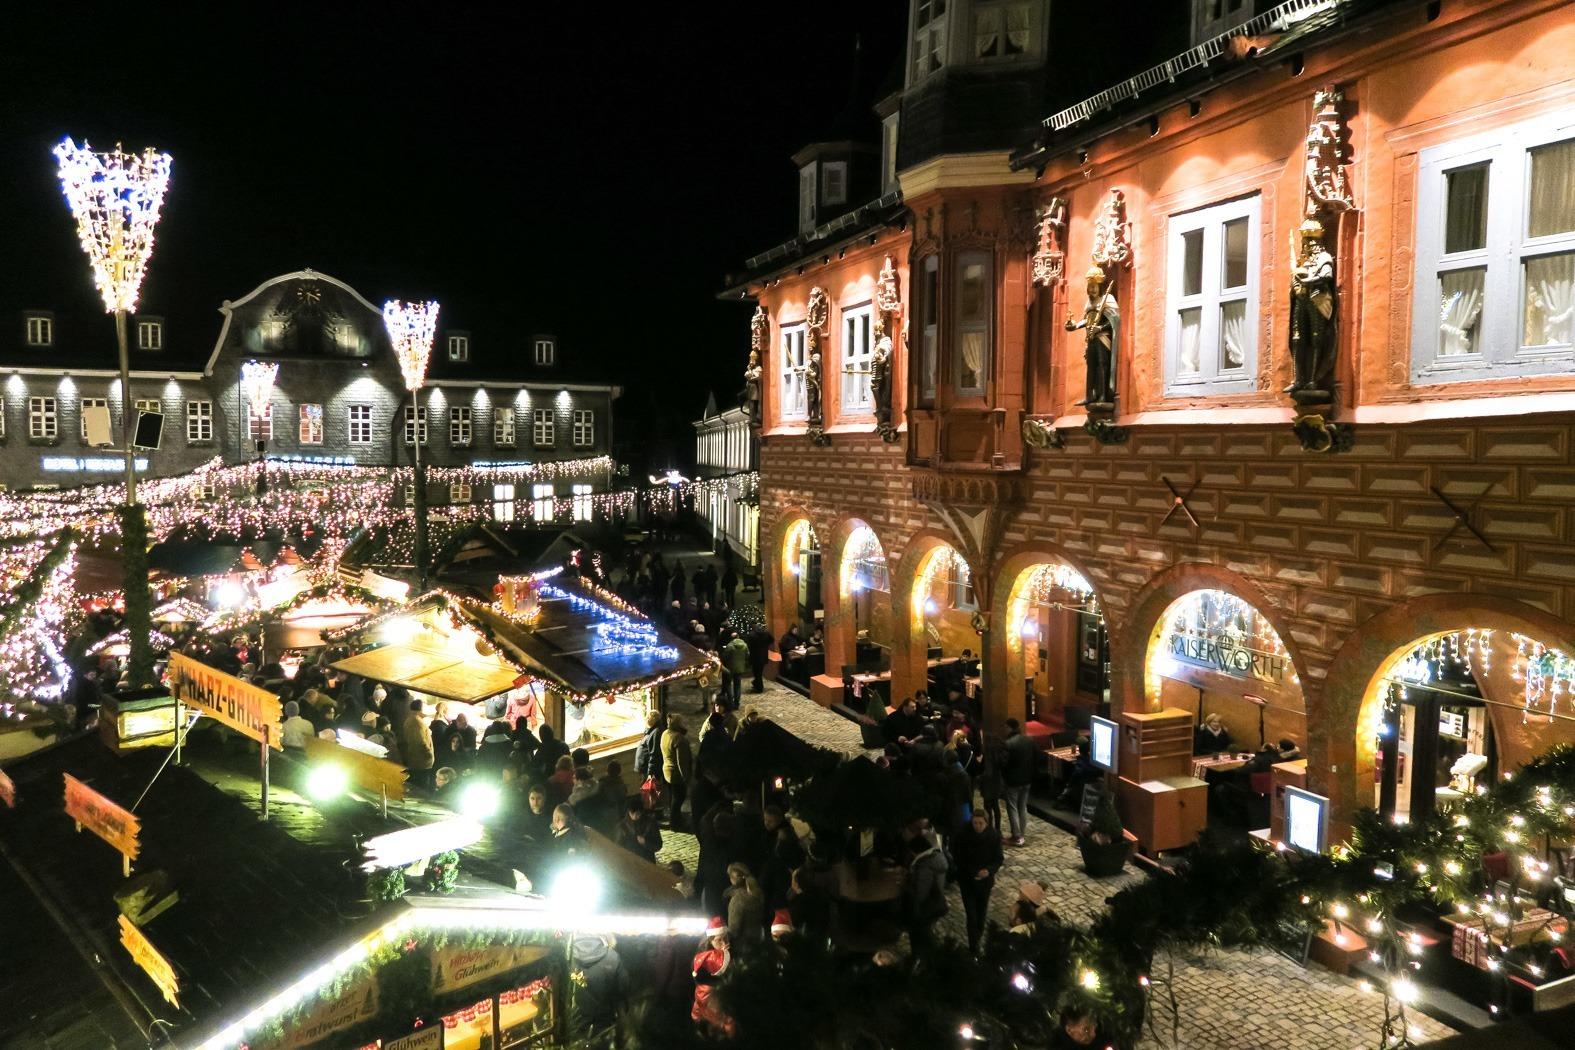 Weihnachtsmakt-Goslar-1